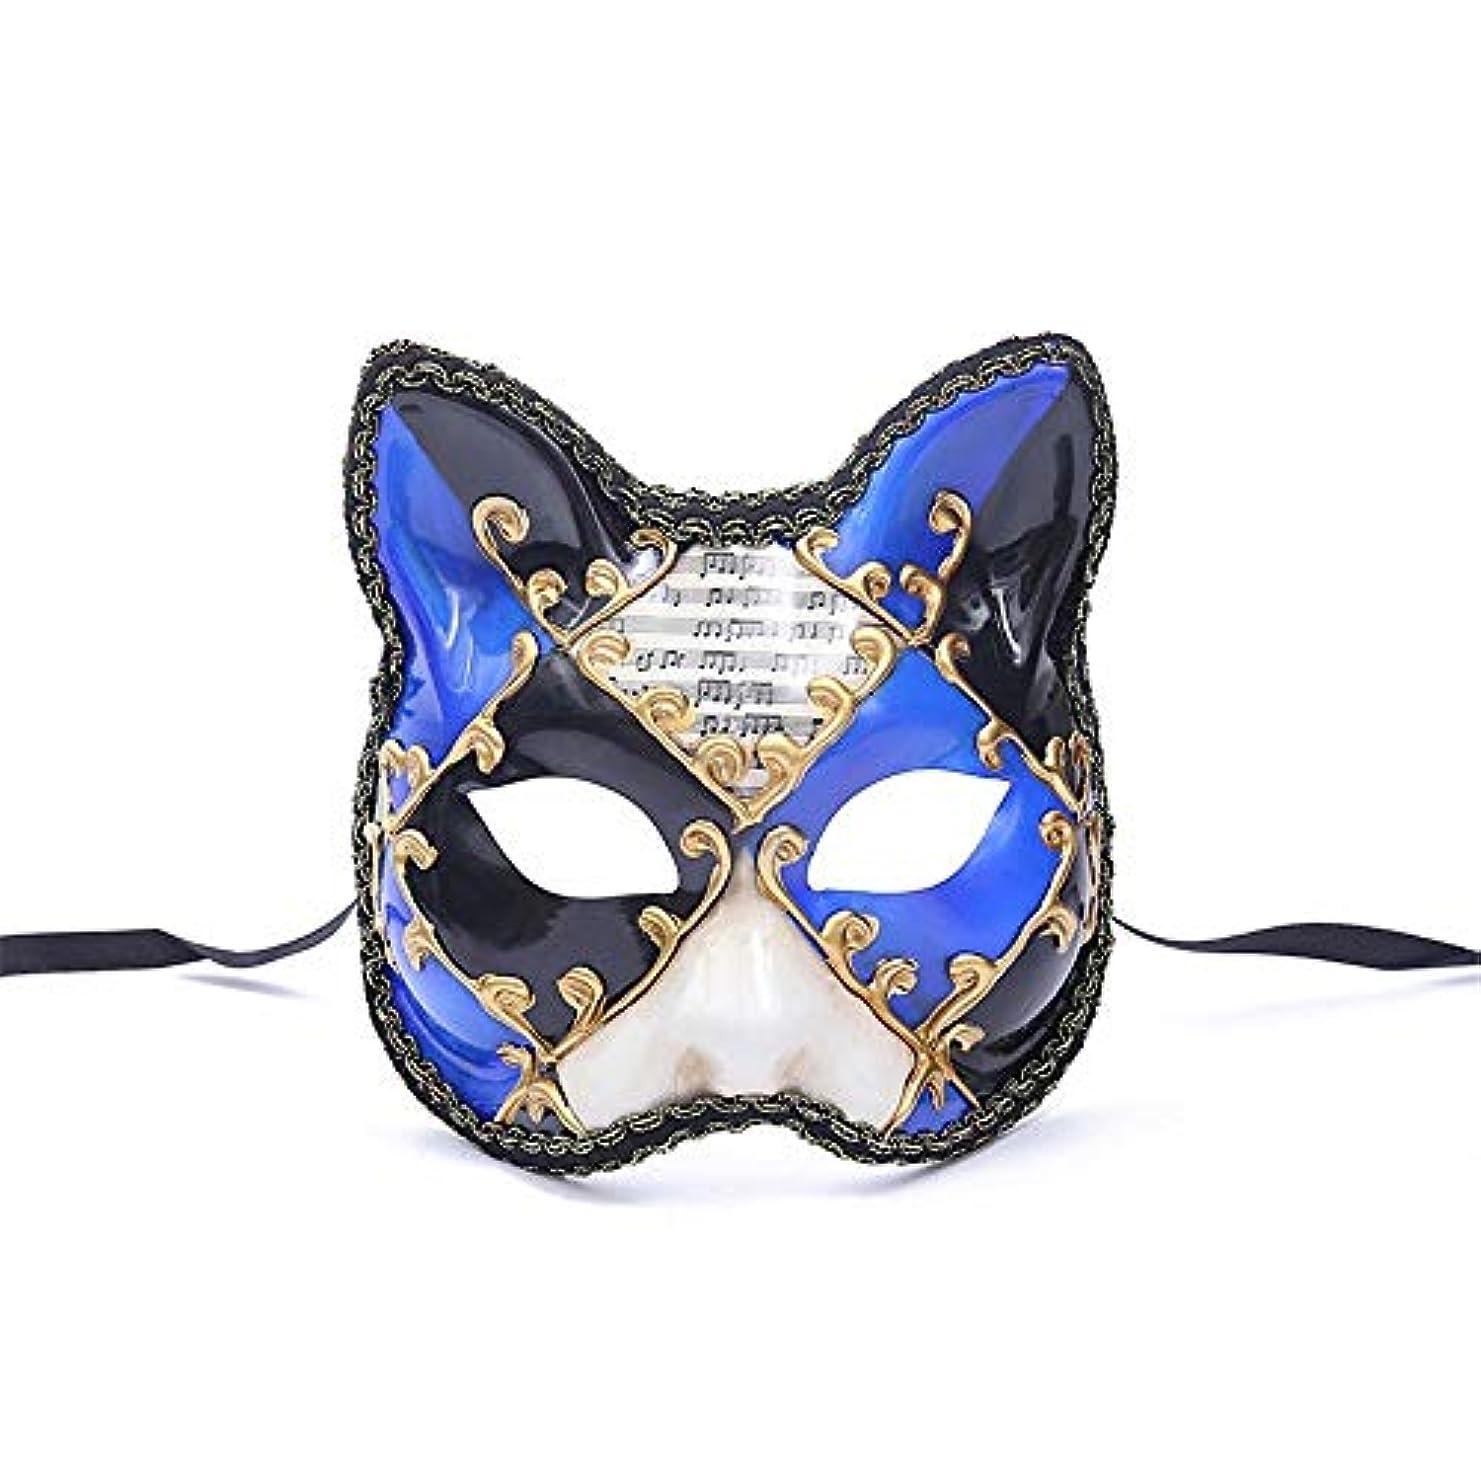 広々とした恩恵ギャロップダンスマスク 大きな猫アンティーク動物レトロコスプレハロウィーン仮装マスクナイトクラブマスク雰囲気フェスティバルマスク ホリデーパーティー用品 (色 : 青, サイズ : 17.5x16cm)